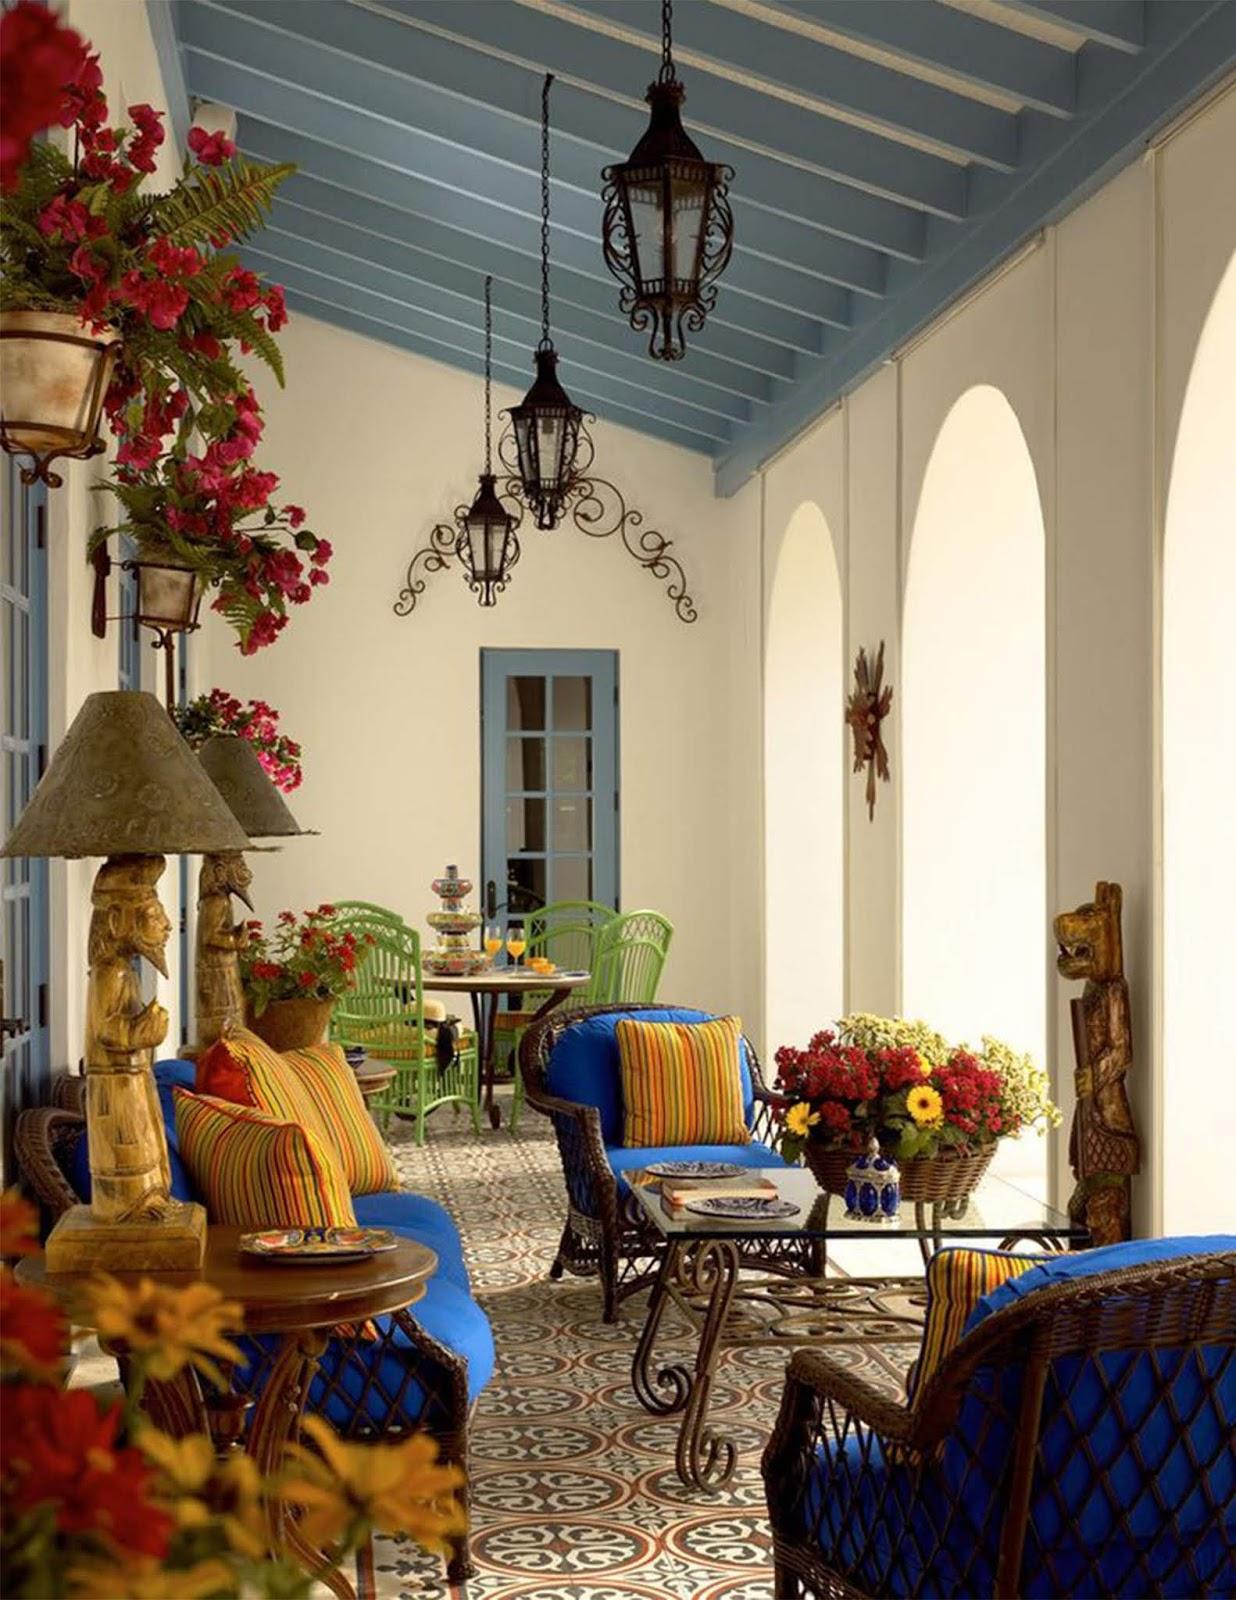 Tiểu cảnh mẫu thiết kế biệt thự đẹp phong cách Địa Trung Hải có gì đặc sắc? 1